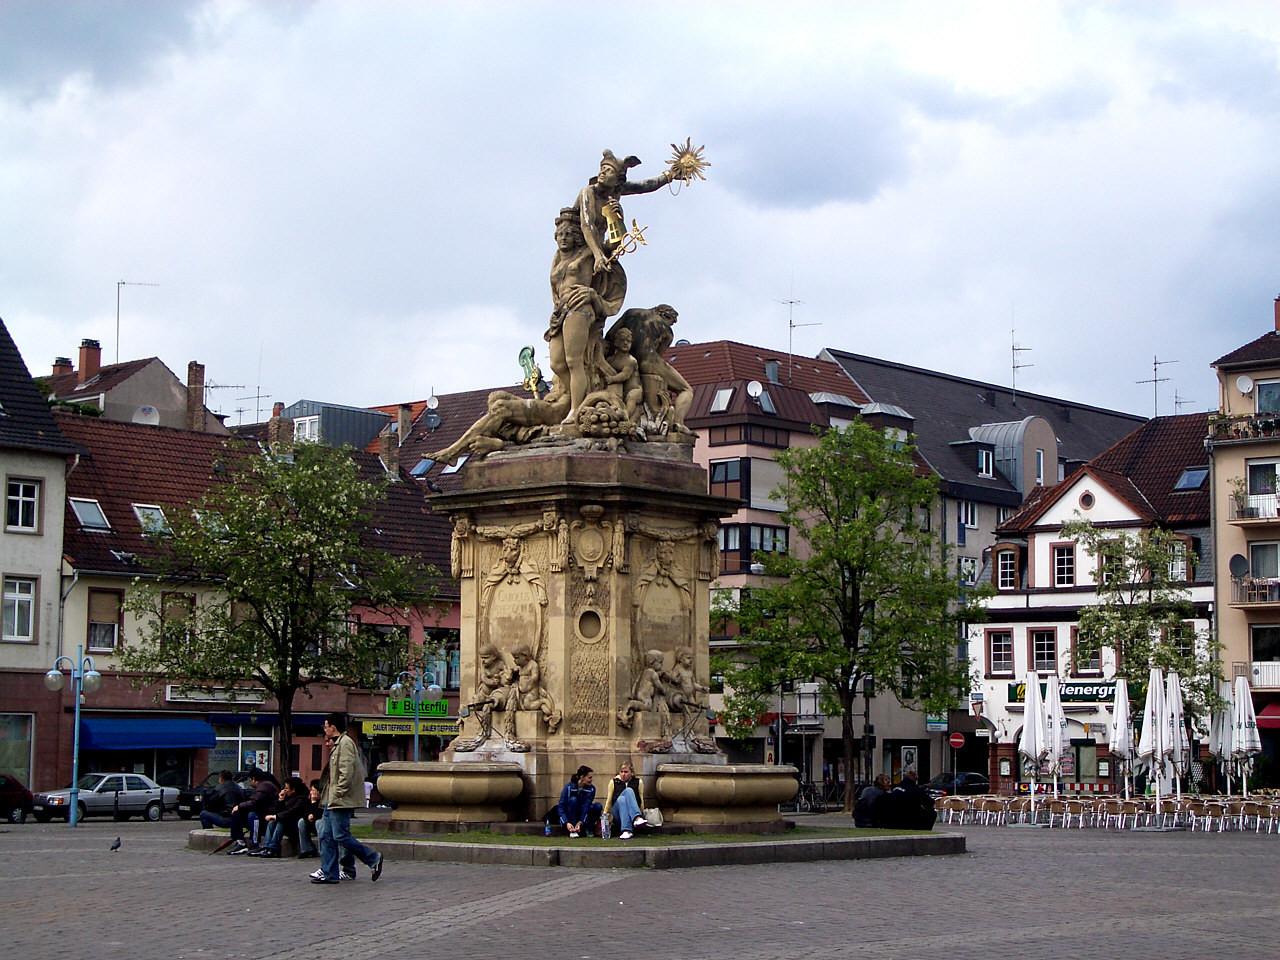 Expérience à Mannheim en Allemagne par Catren